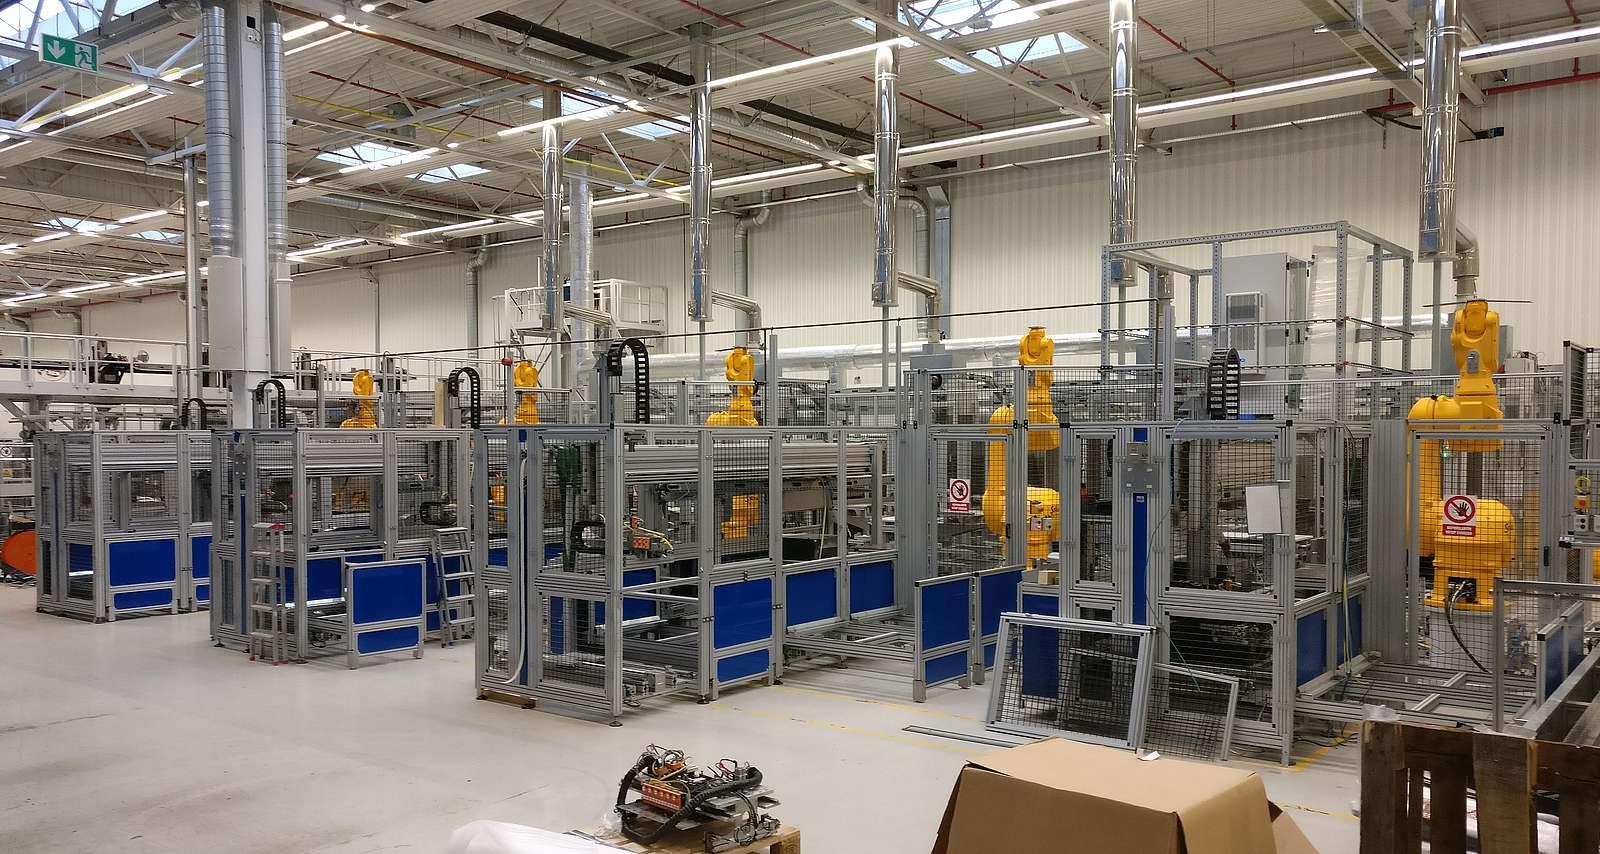 Umbauprojekt Handling von Bitumenmatten